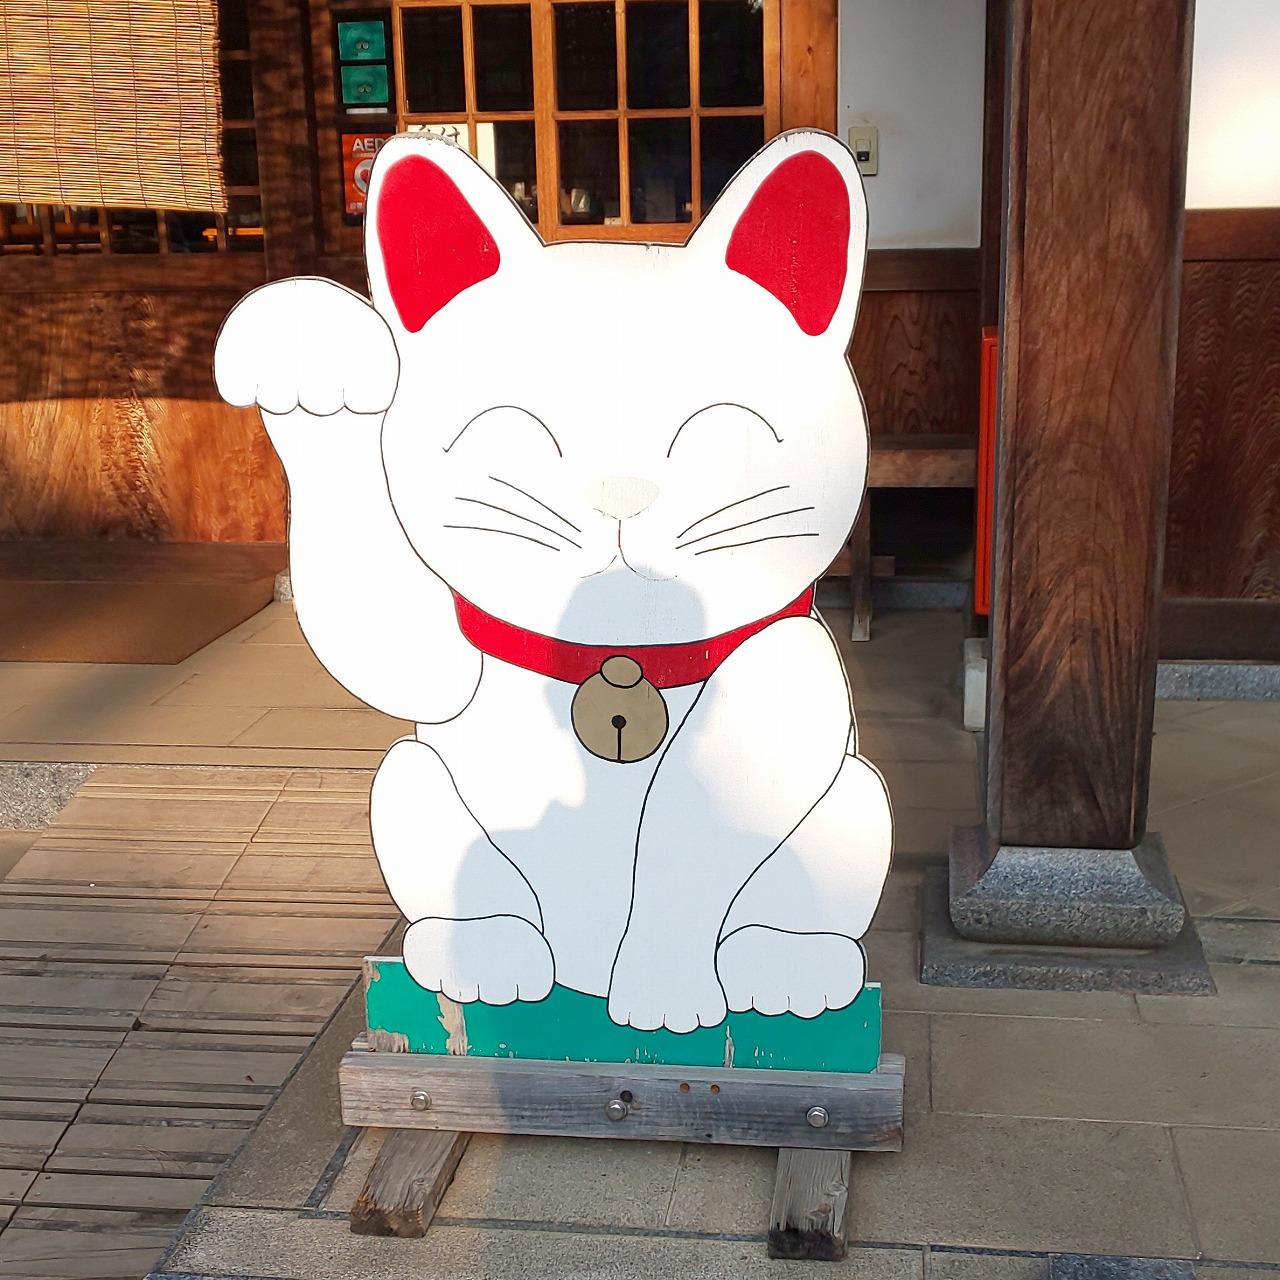 豪徳寺社務所前にある招き猫